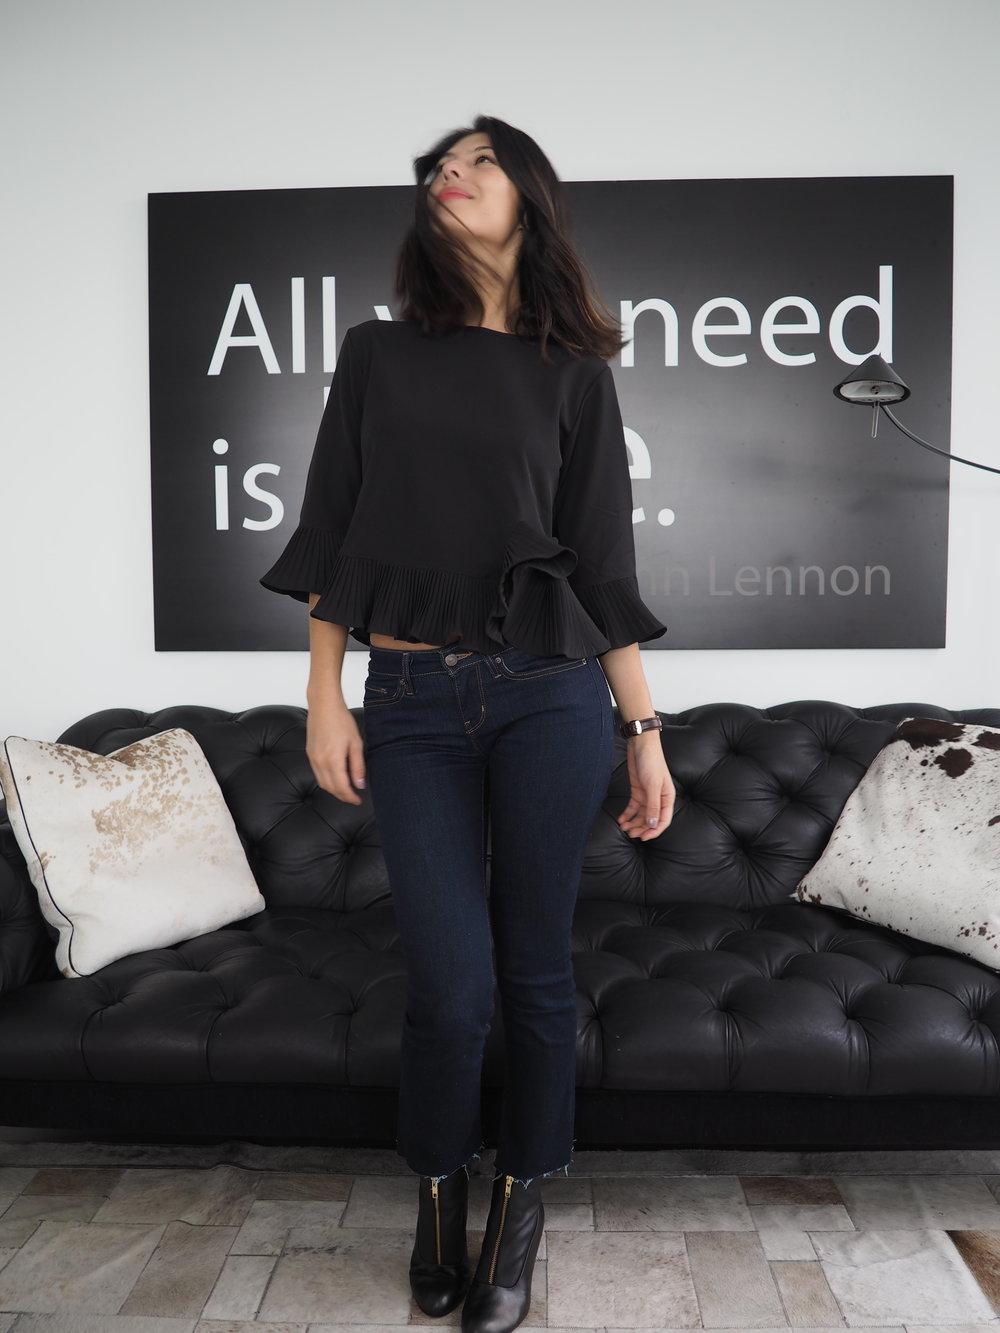 camisas negras y street style, mas moda cool para comprar online